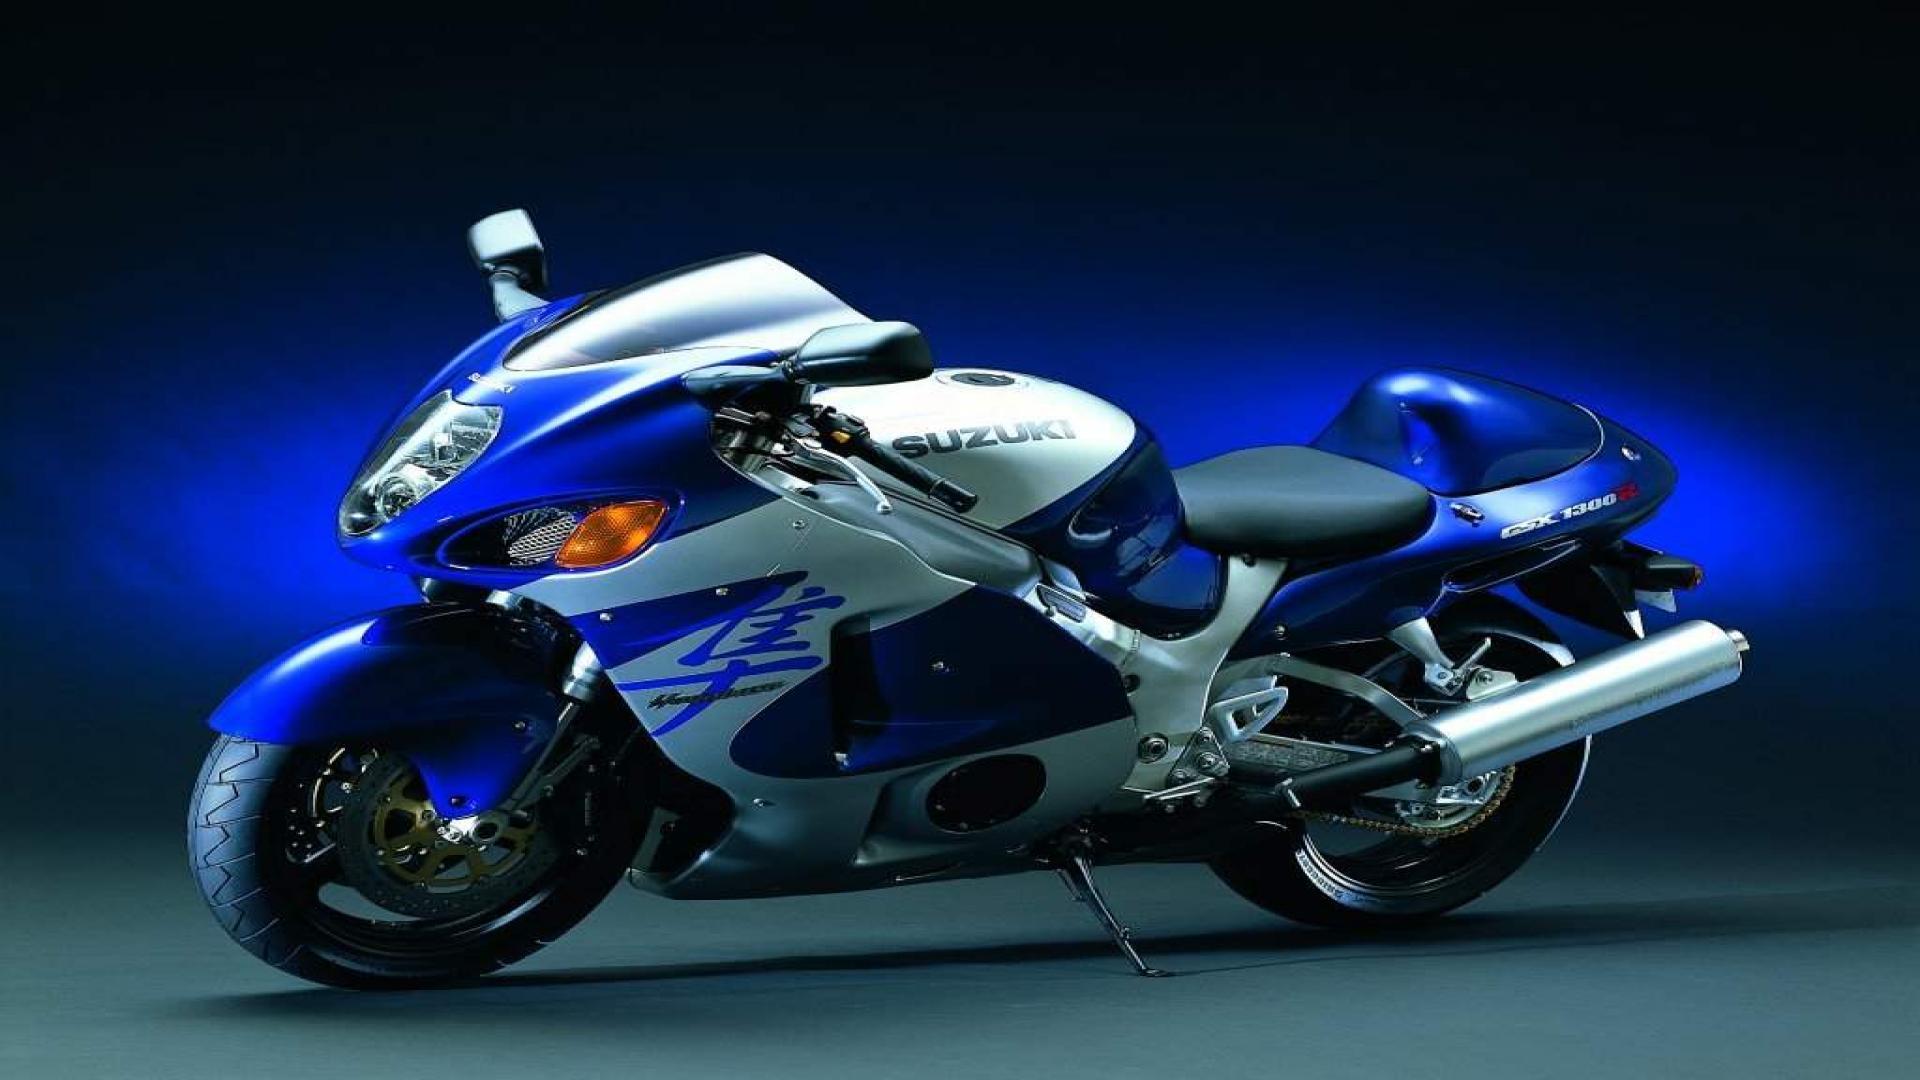 Blue Heavy Bike Hd Wallpaper: Suzuki Heavy Bike 1080p Wallpapers 2013